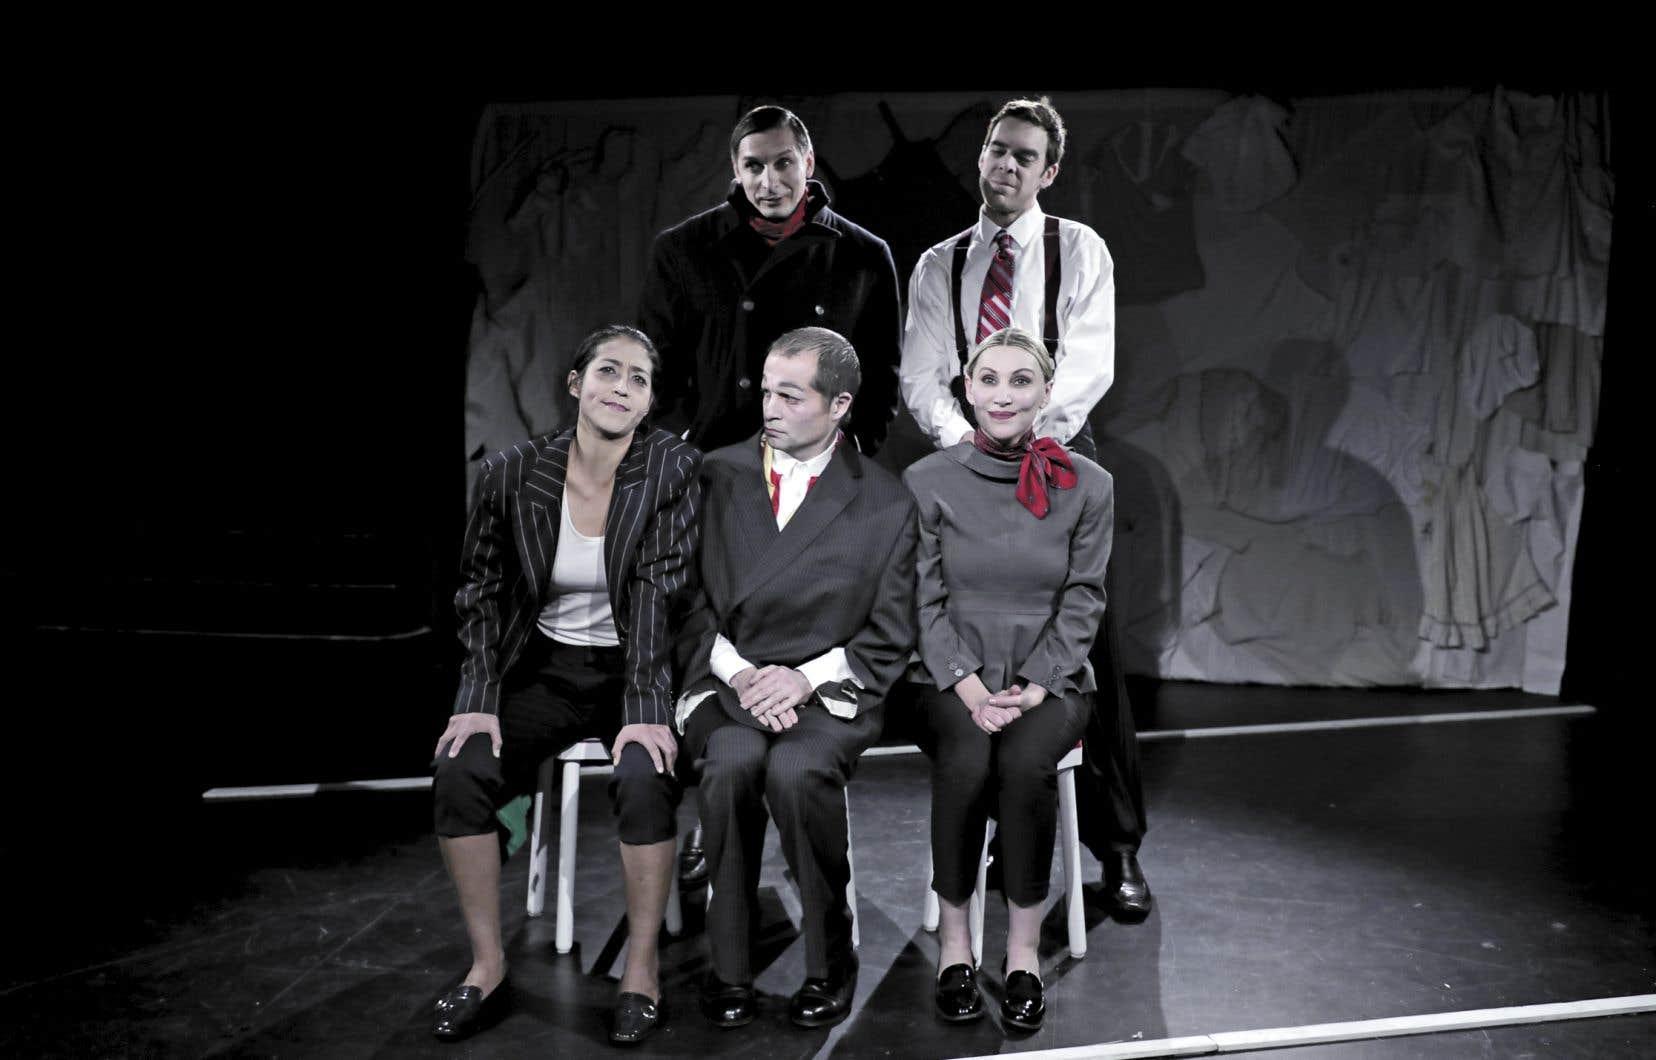 Le spectacle dirigé par Margarita Herrera Dominguez met en exergue une dimension grotesque, avec ces personnages qui camouflent des costumes clownesques sous leurs vêtements.